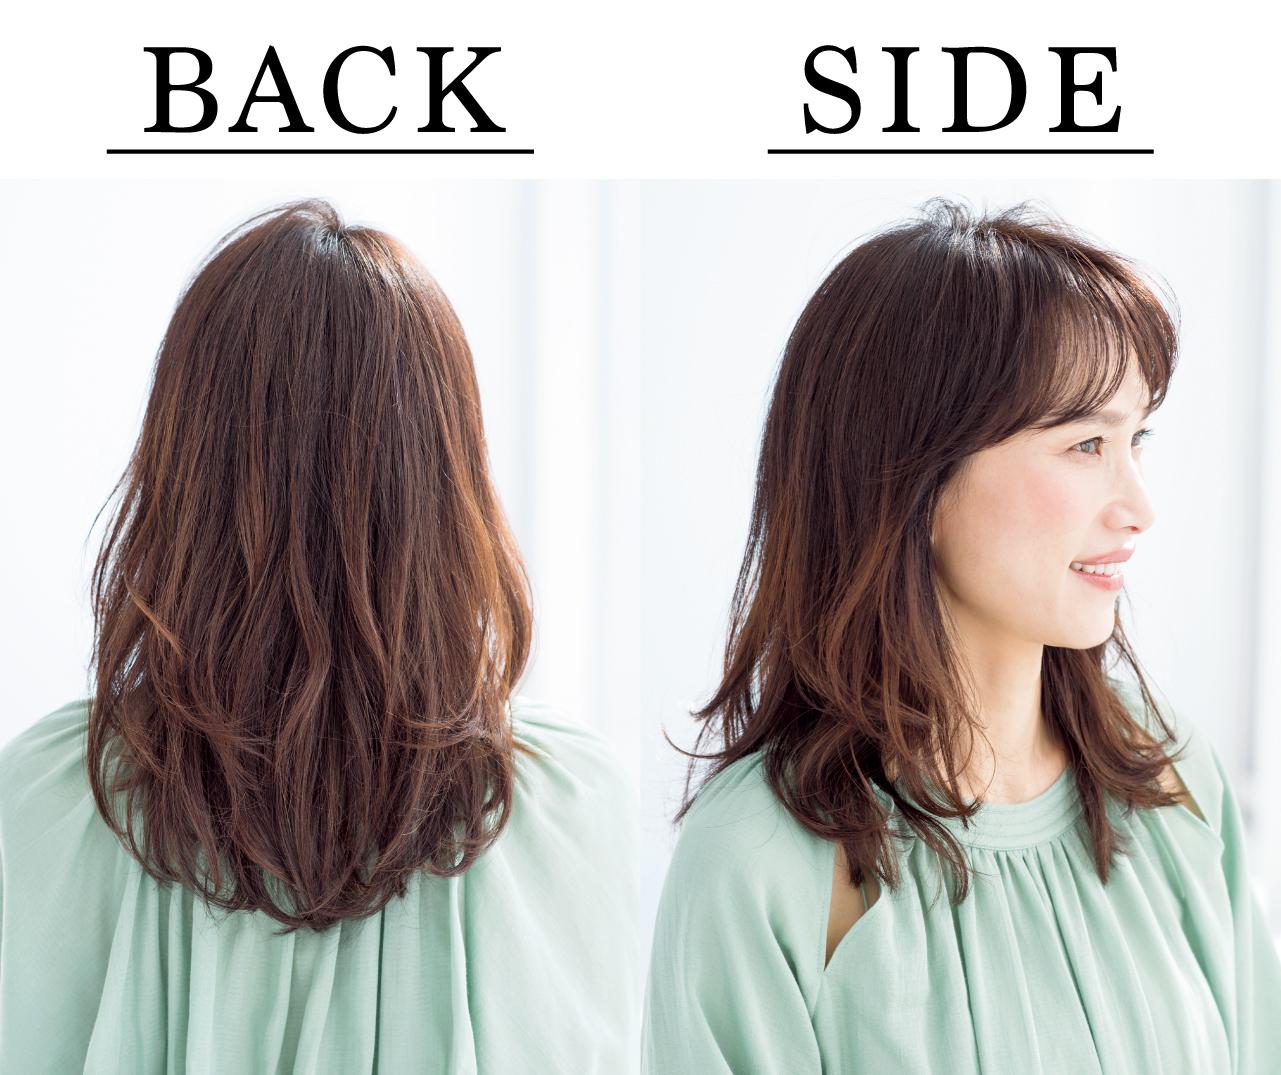 石田尚美さん Side Back